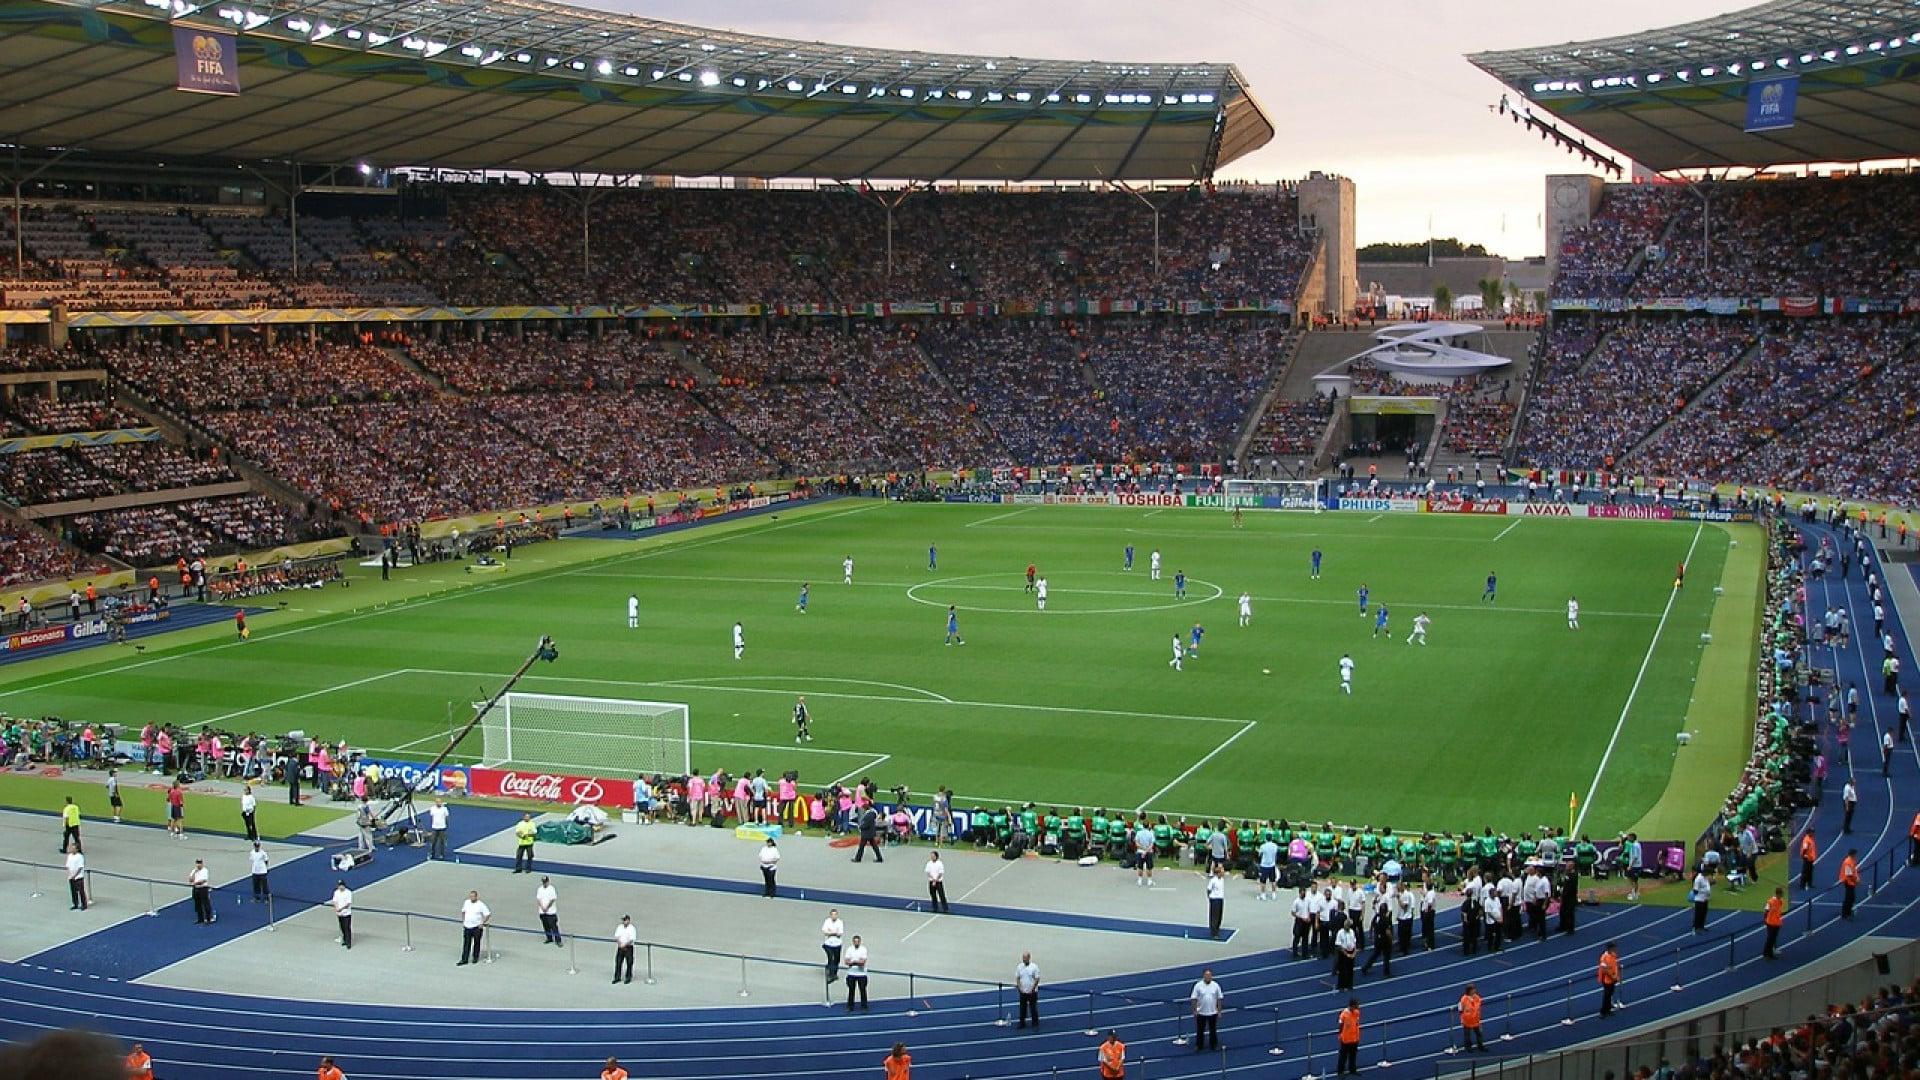 Comment trouver des billets pas cher pour des matchs de foot ?